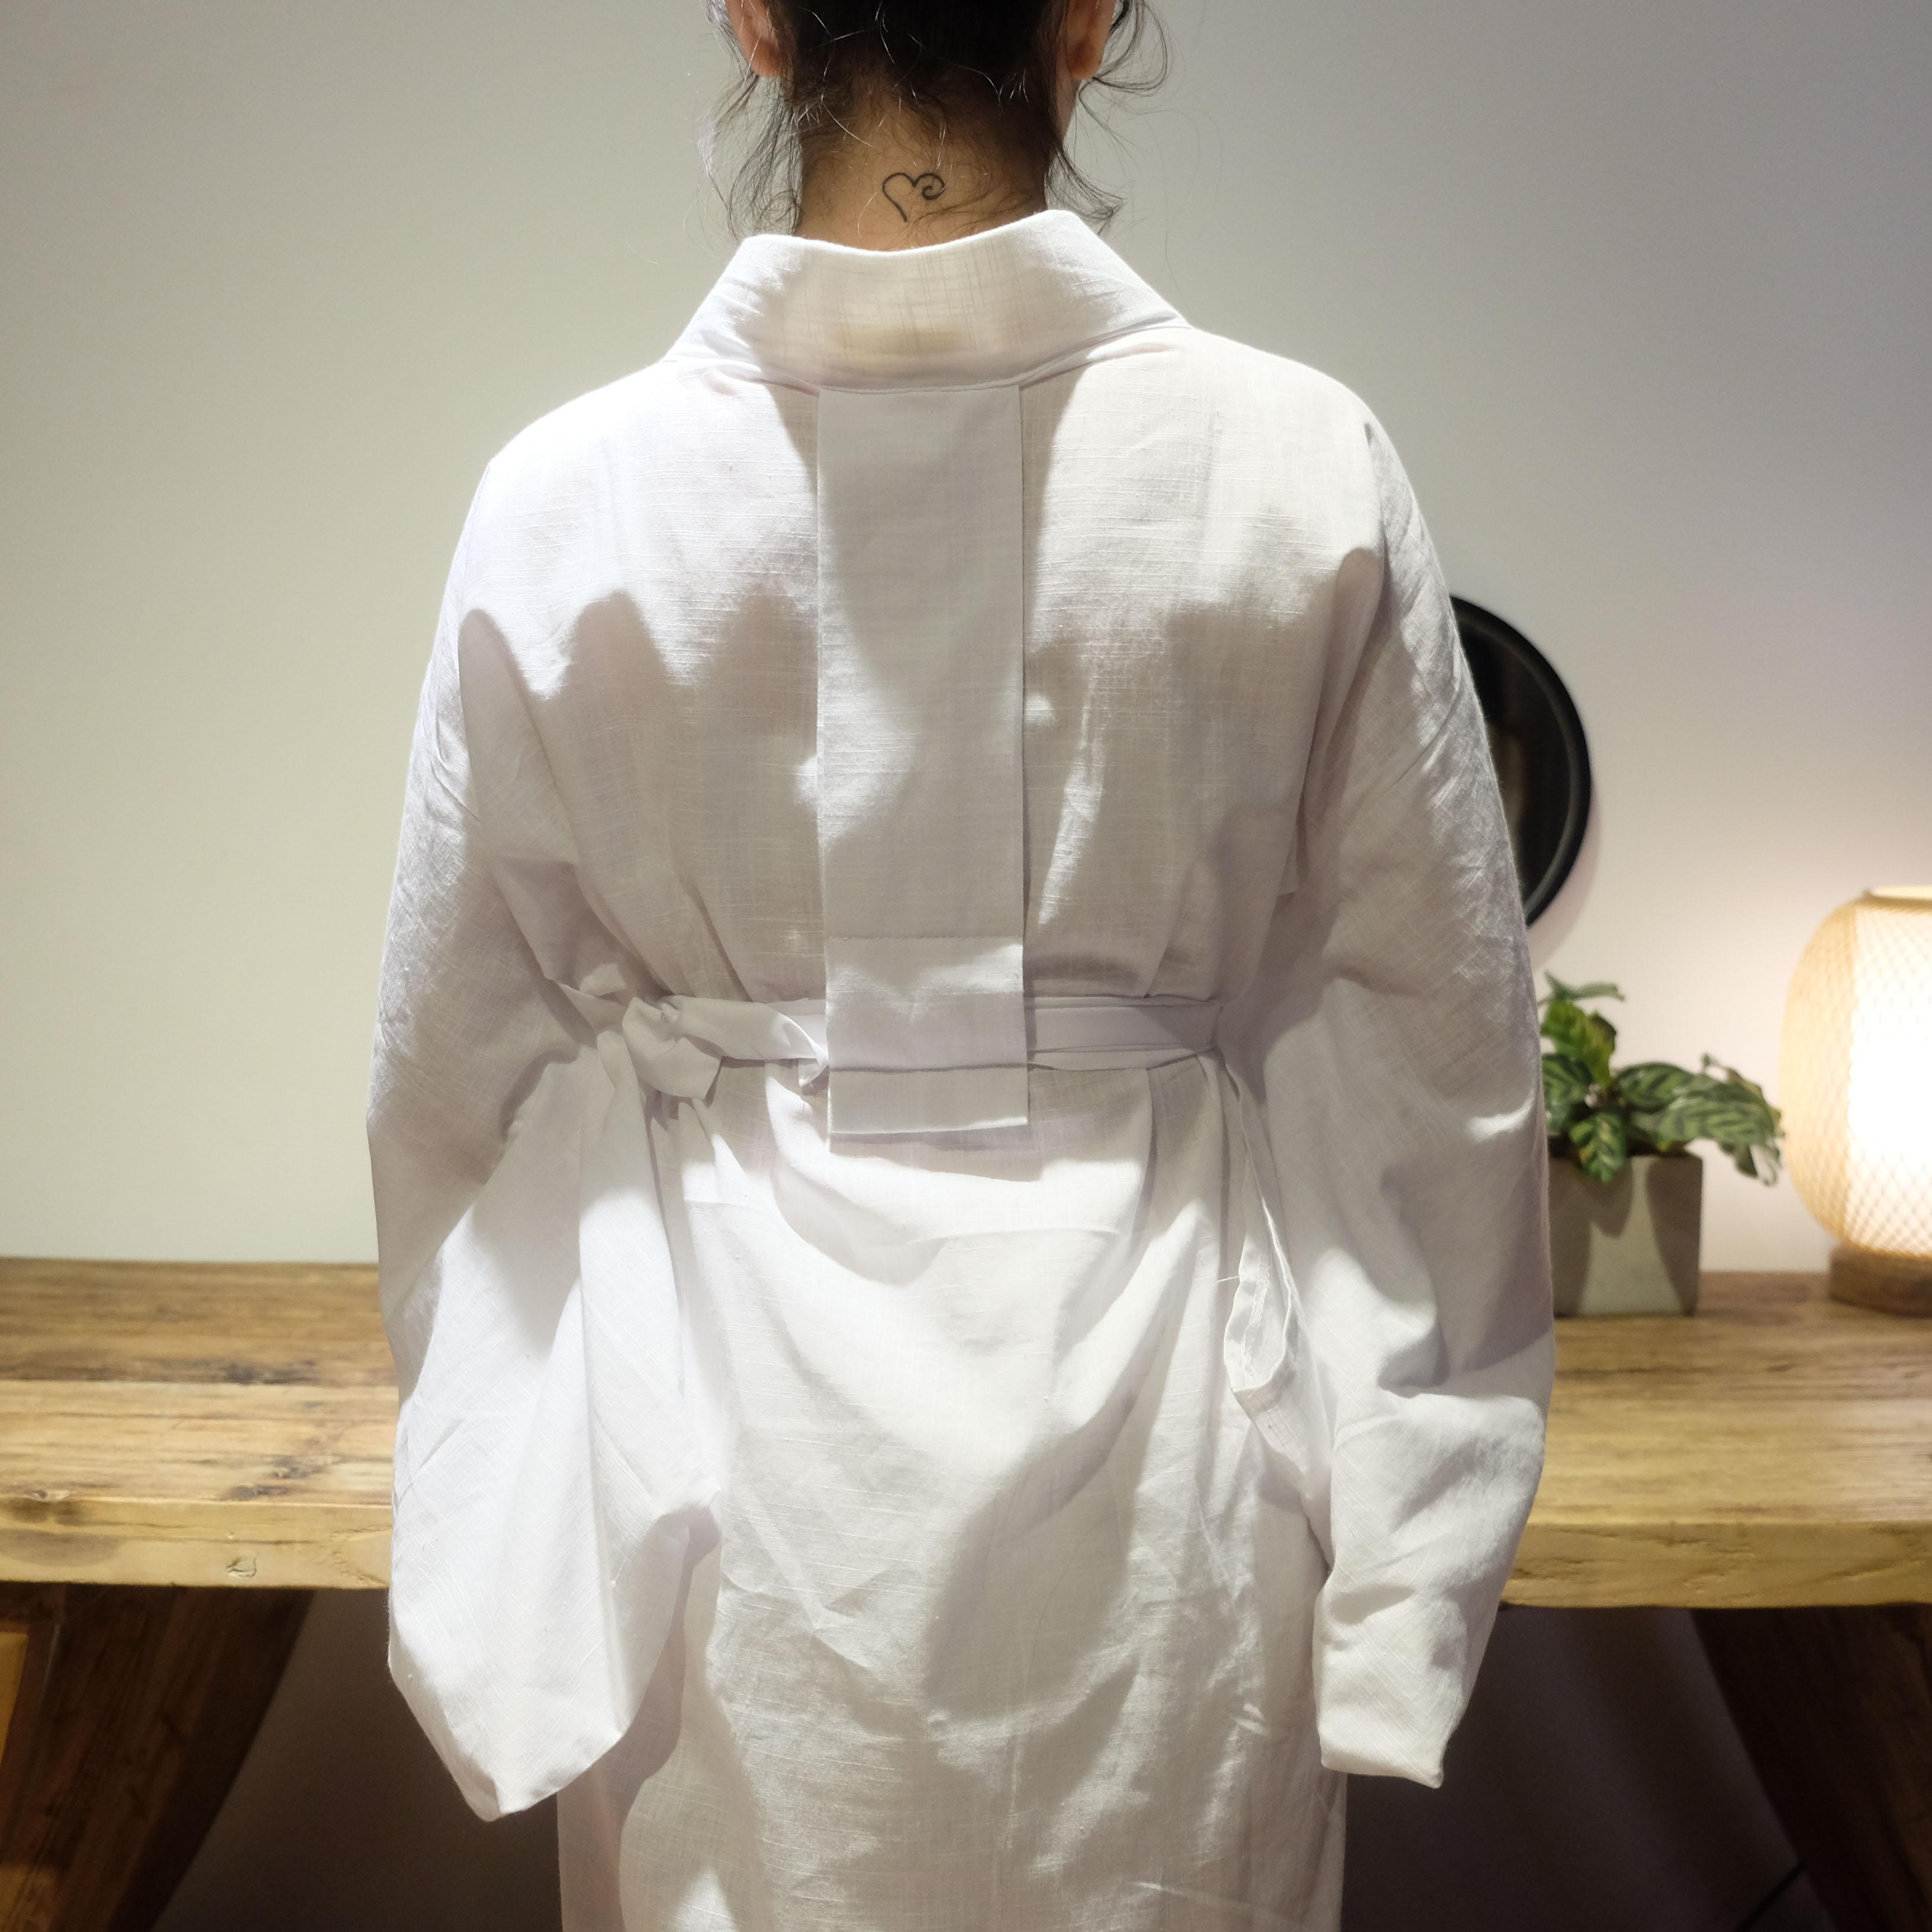 2020 femme japonais Kimono Style yukata ample solide blanc intérieur Tendon y compris le col